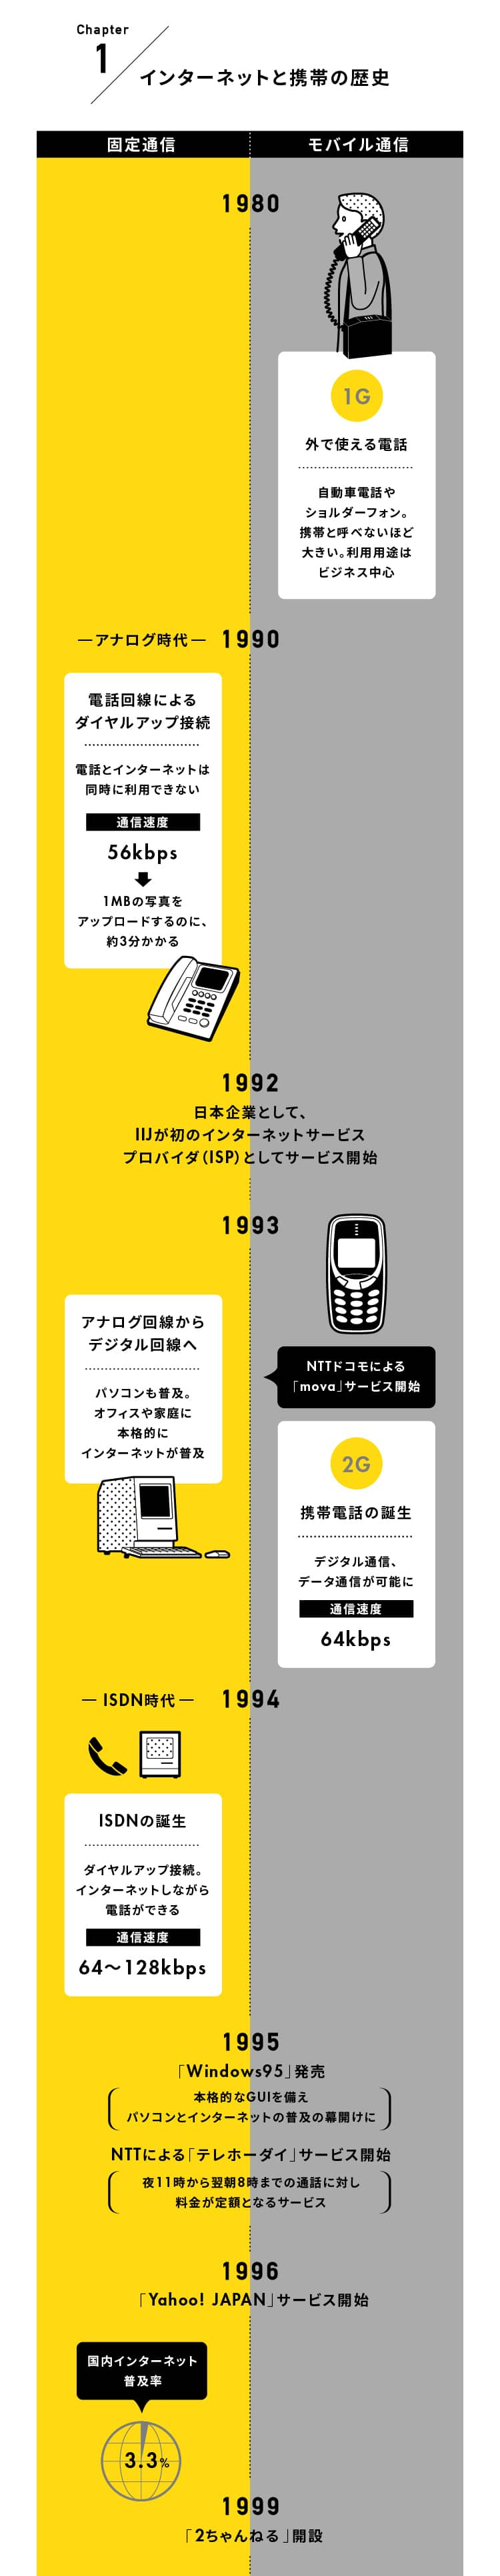 インターネットと携帯の歴史:1980年代ショルダーフォン登場から1999年2チャンネル開設まで